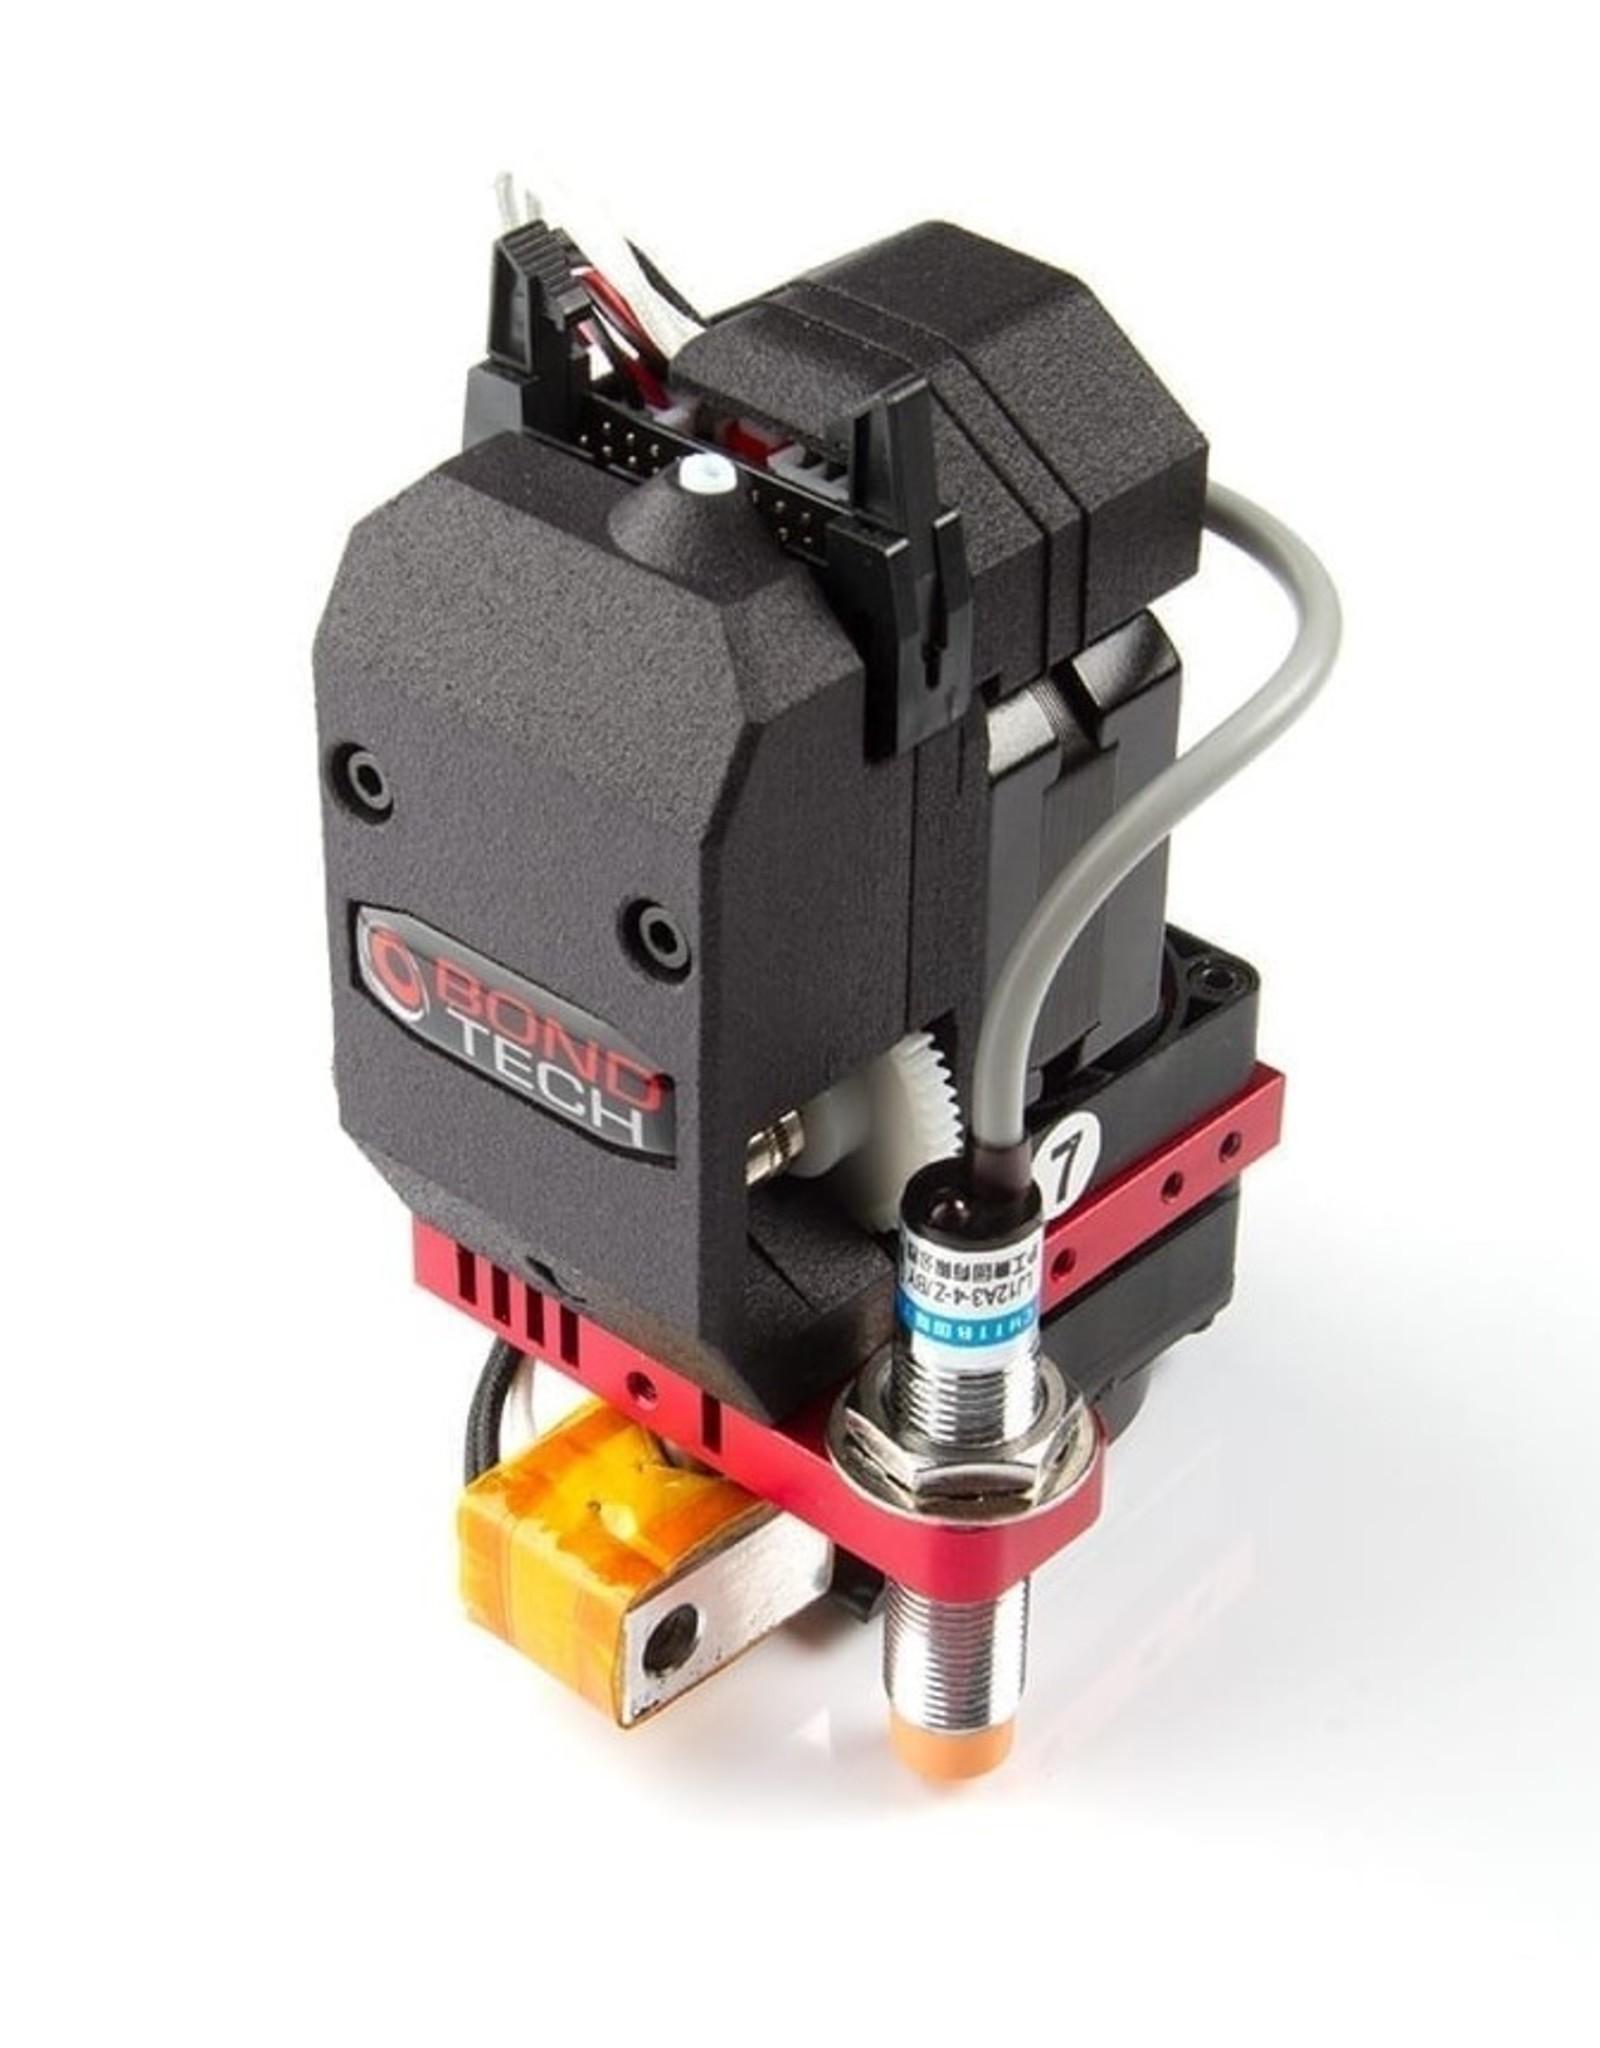 BONDTECH BondTech Wanhao D9 Extruder Kit